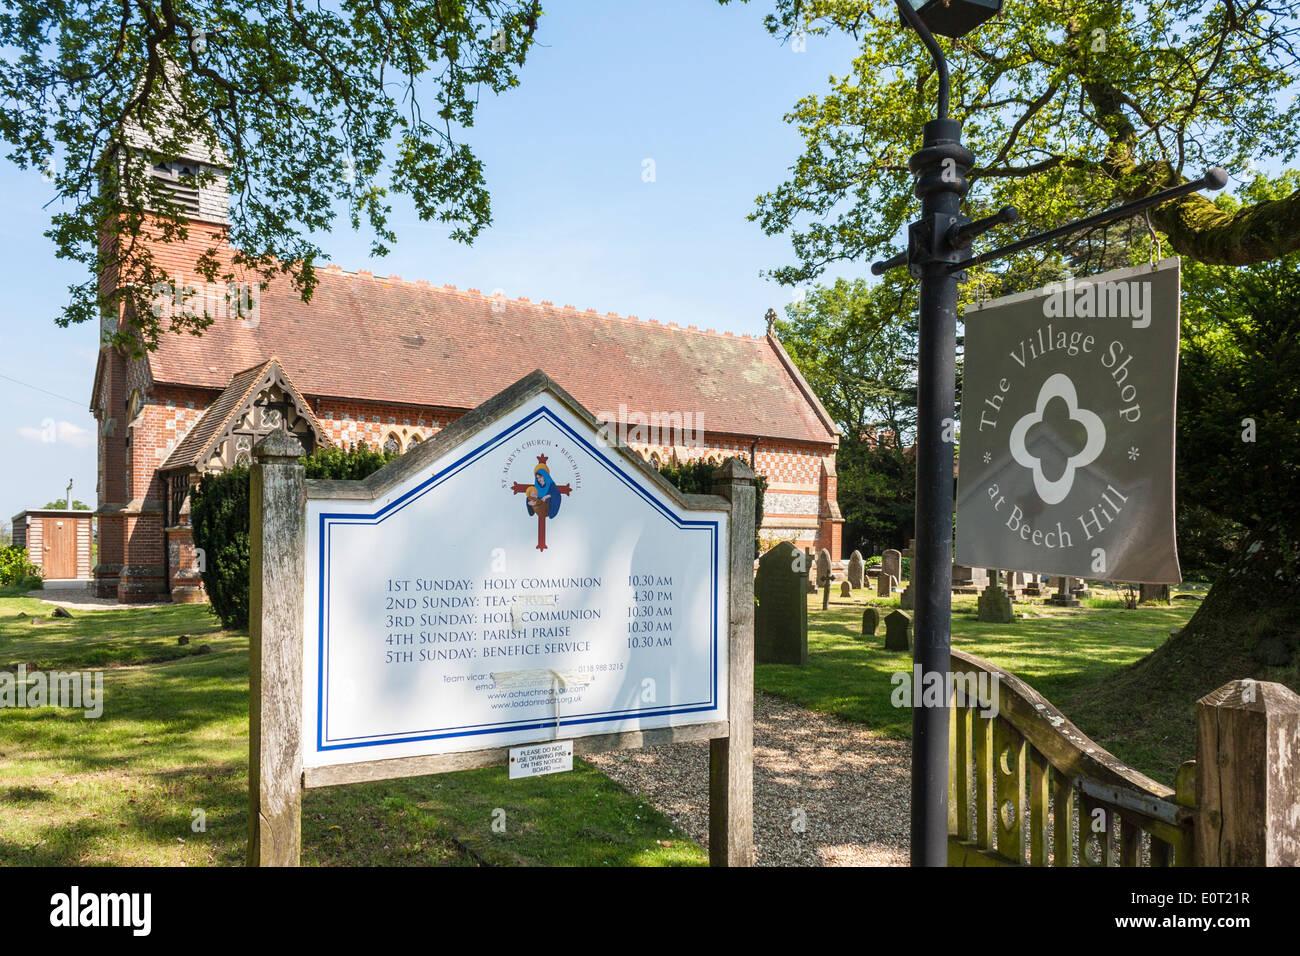 Communauté village shop dans l'église paroissiale, Beech Hill, Reading, Berkshire, England, GB, au Royaume-Uni. Photo Stock